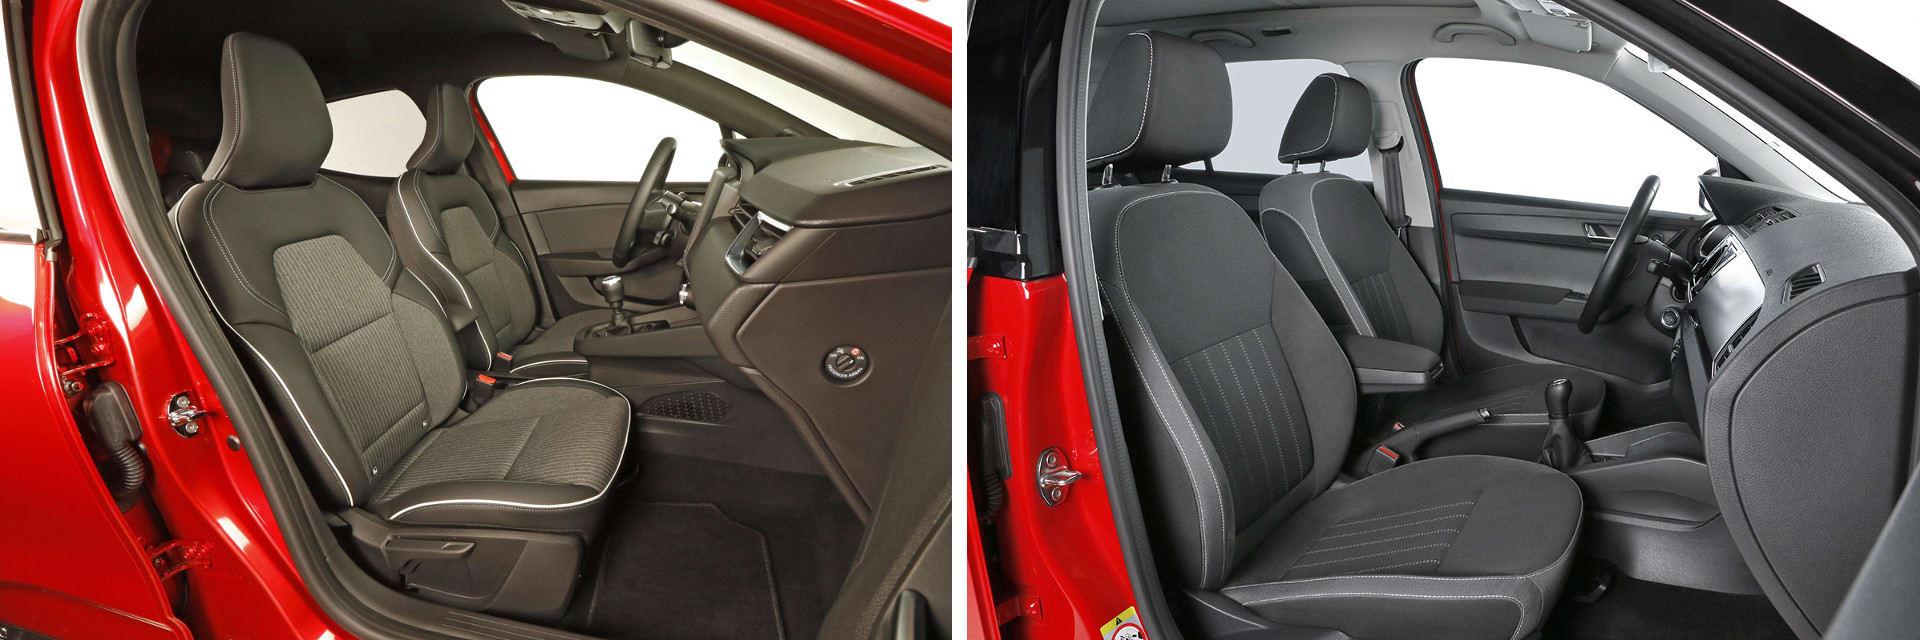 Los asientos delanteros son cómodos en ambos modelos, aunque los del Clio (izq.) son mejores para realizar trayectos más largos. / km77